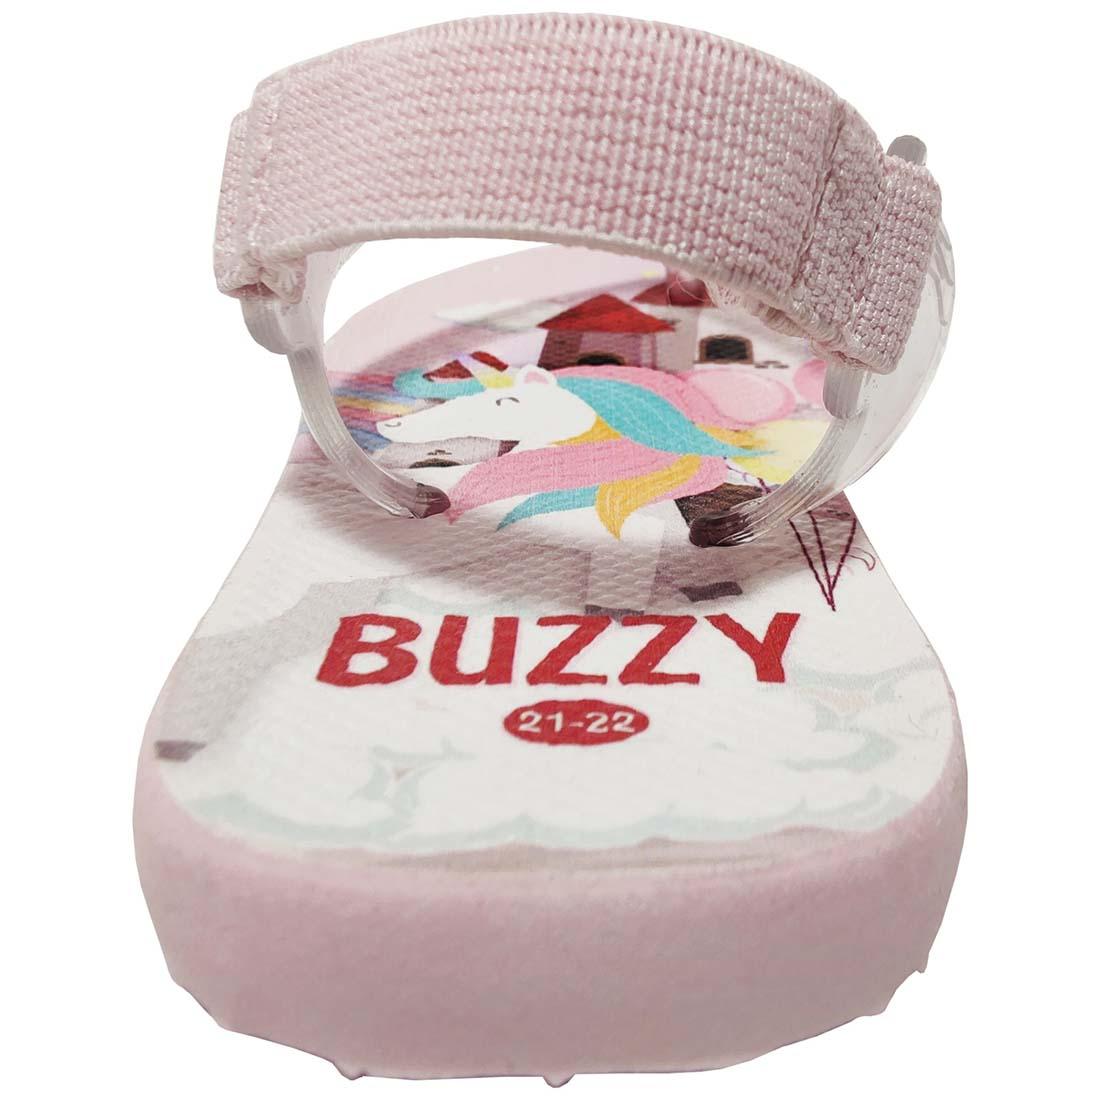 Chinelo Bebê Buzzy Sandália Infantil Unicórnio Meninas BZ024